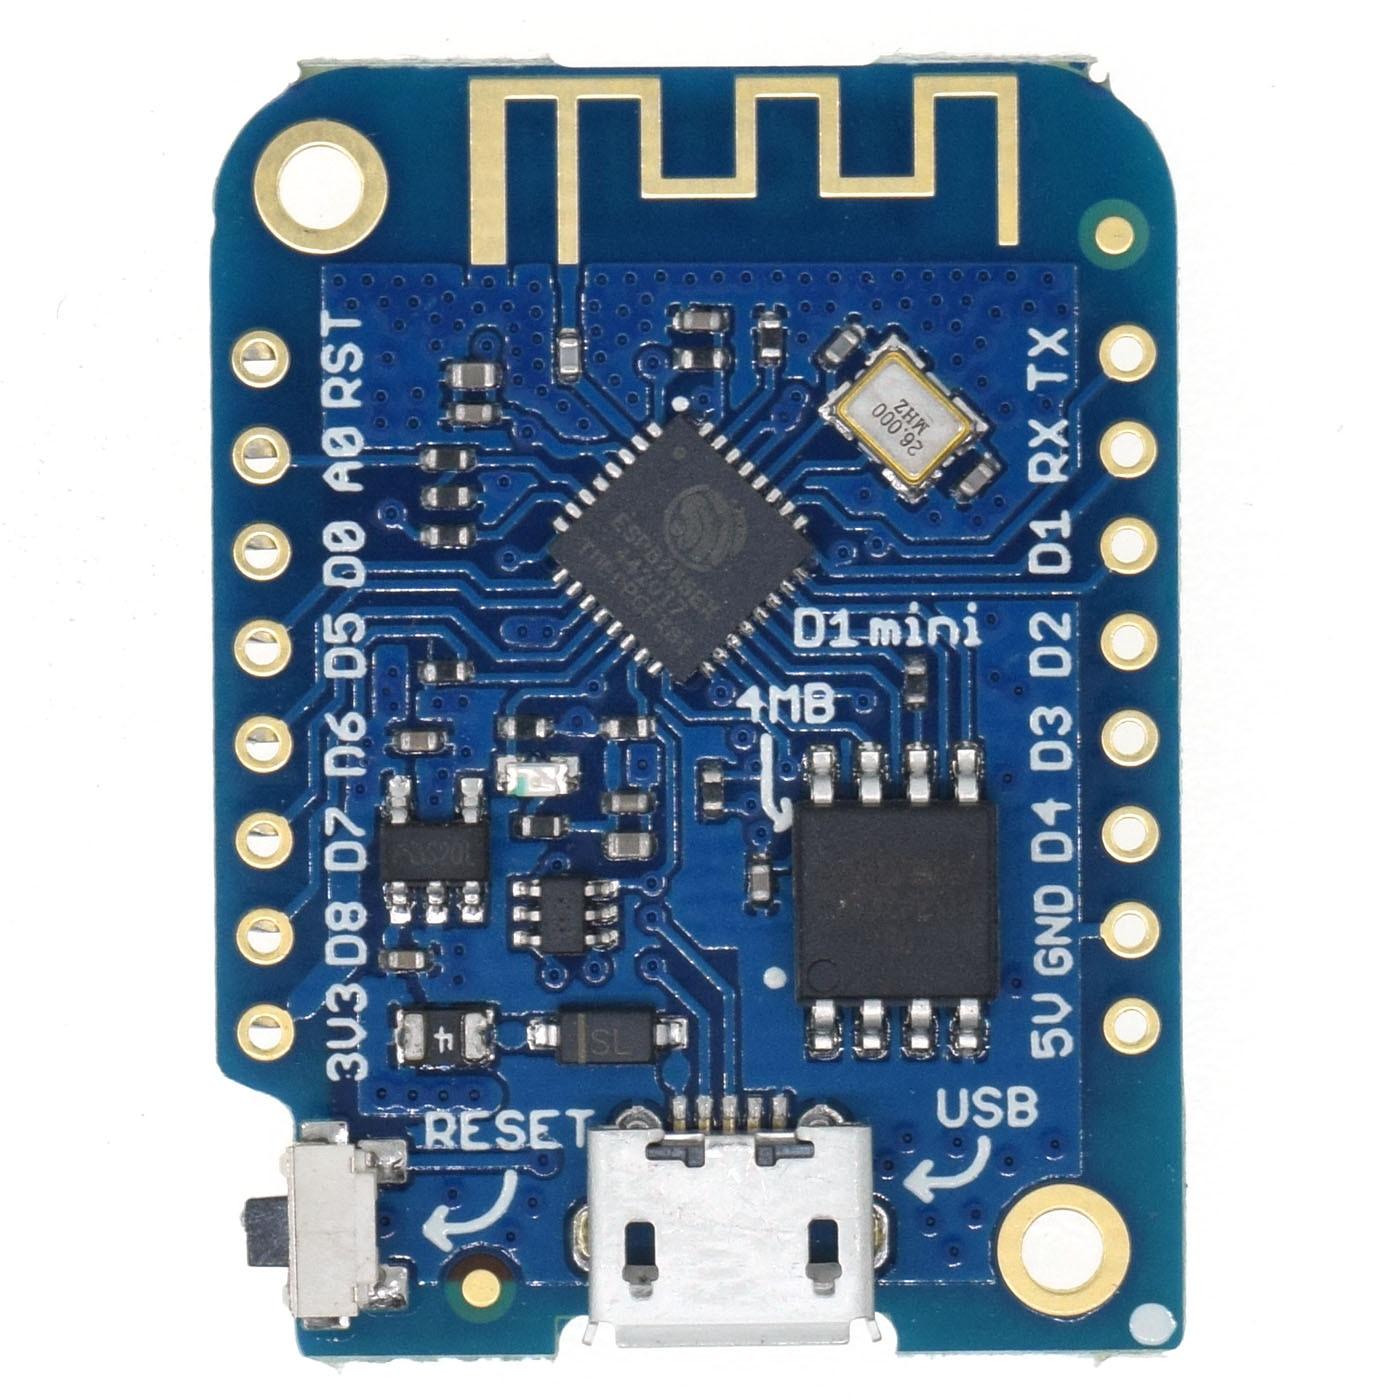 LOLIN D1 Mini V3.1.0 - WEMOS WIFI Интернет вещей плата на основе ESP8266 4MB MicroPython Nodemcu Arduino совместимый